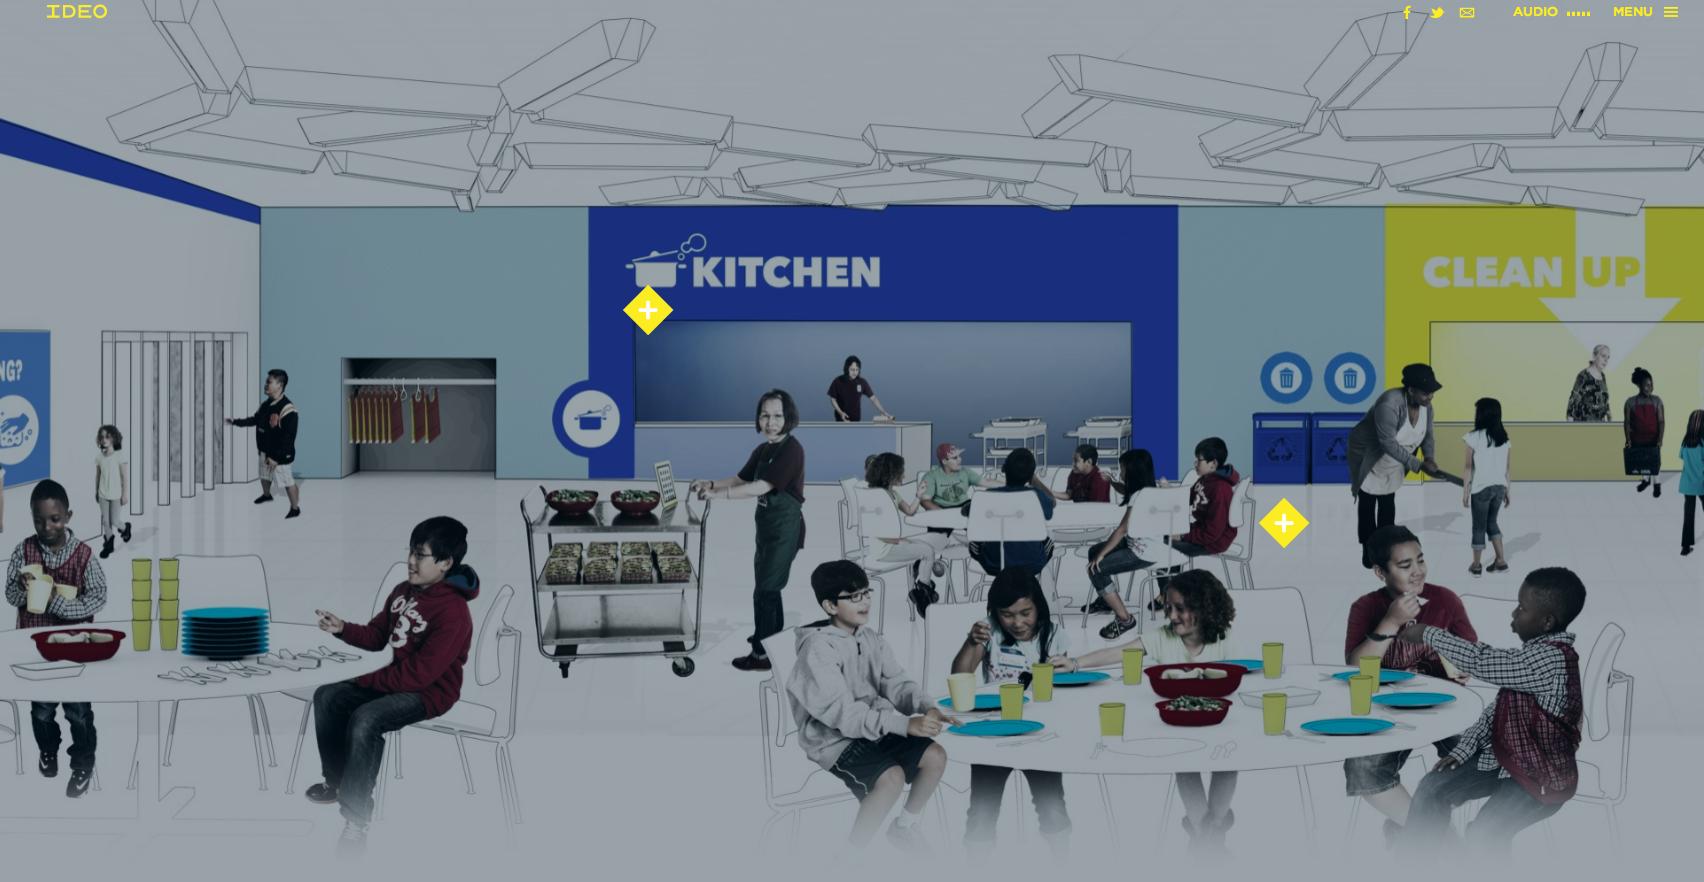 IDEO_Kitchen